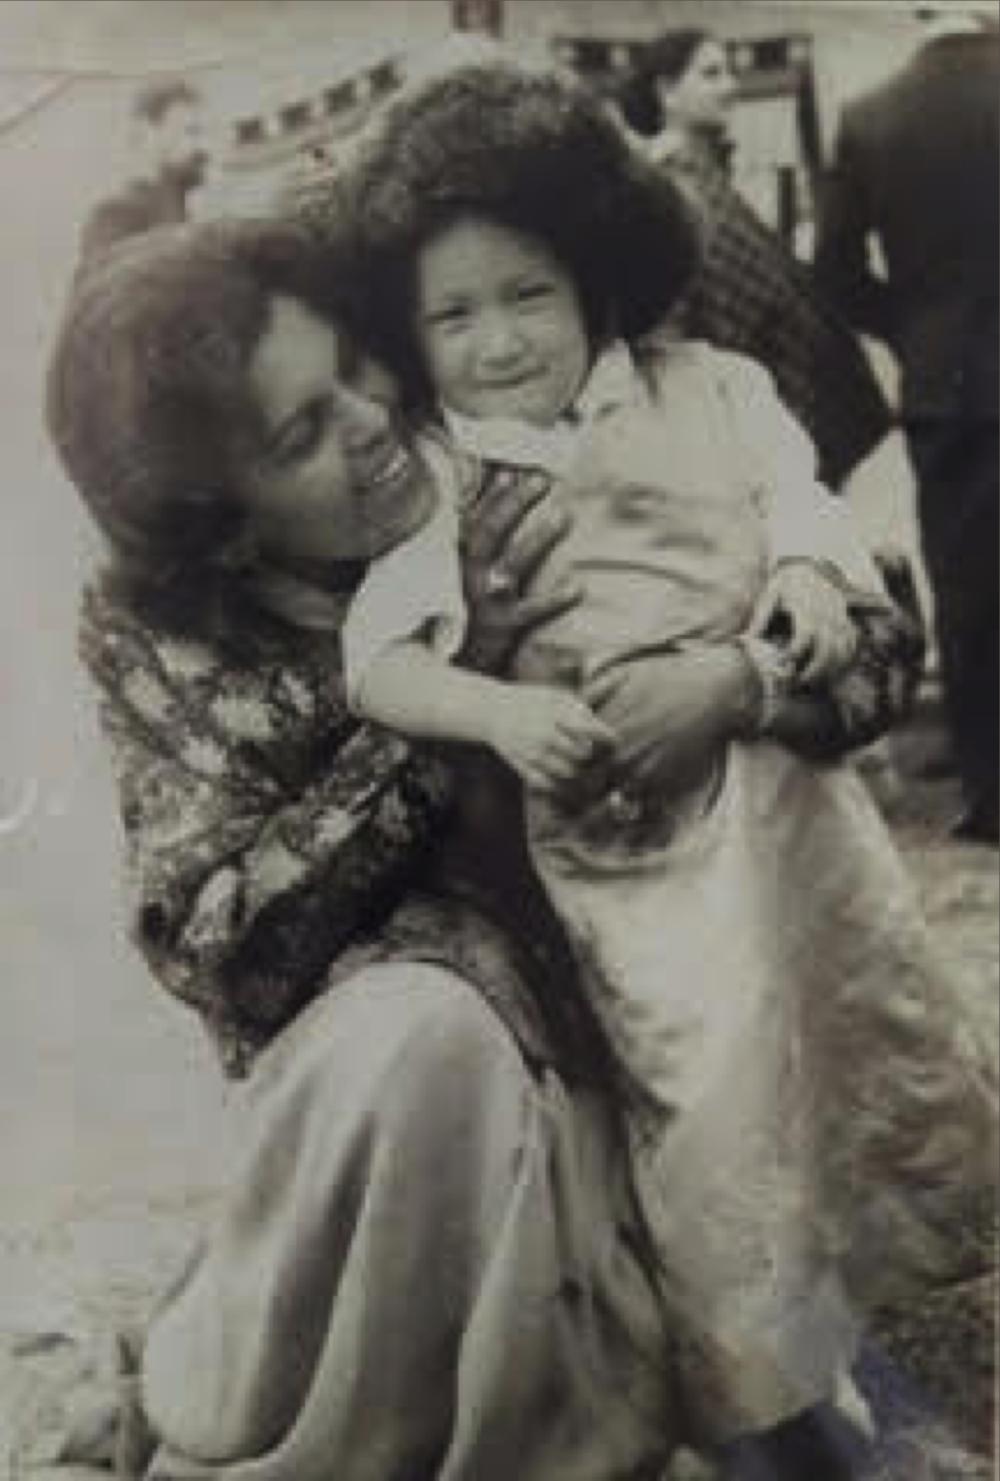 Sudha and baby Hope, c. 1965